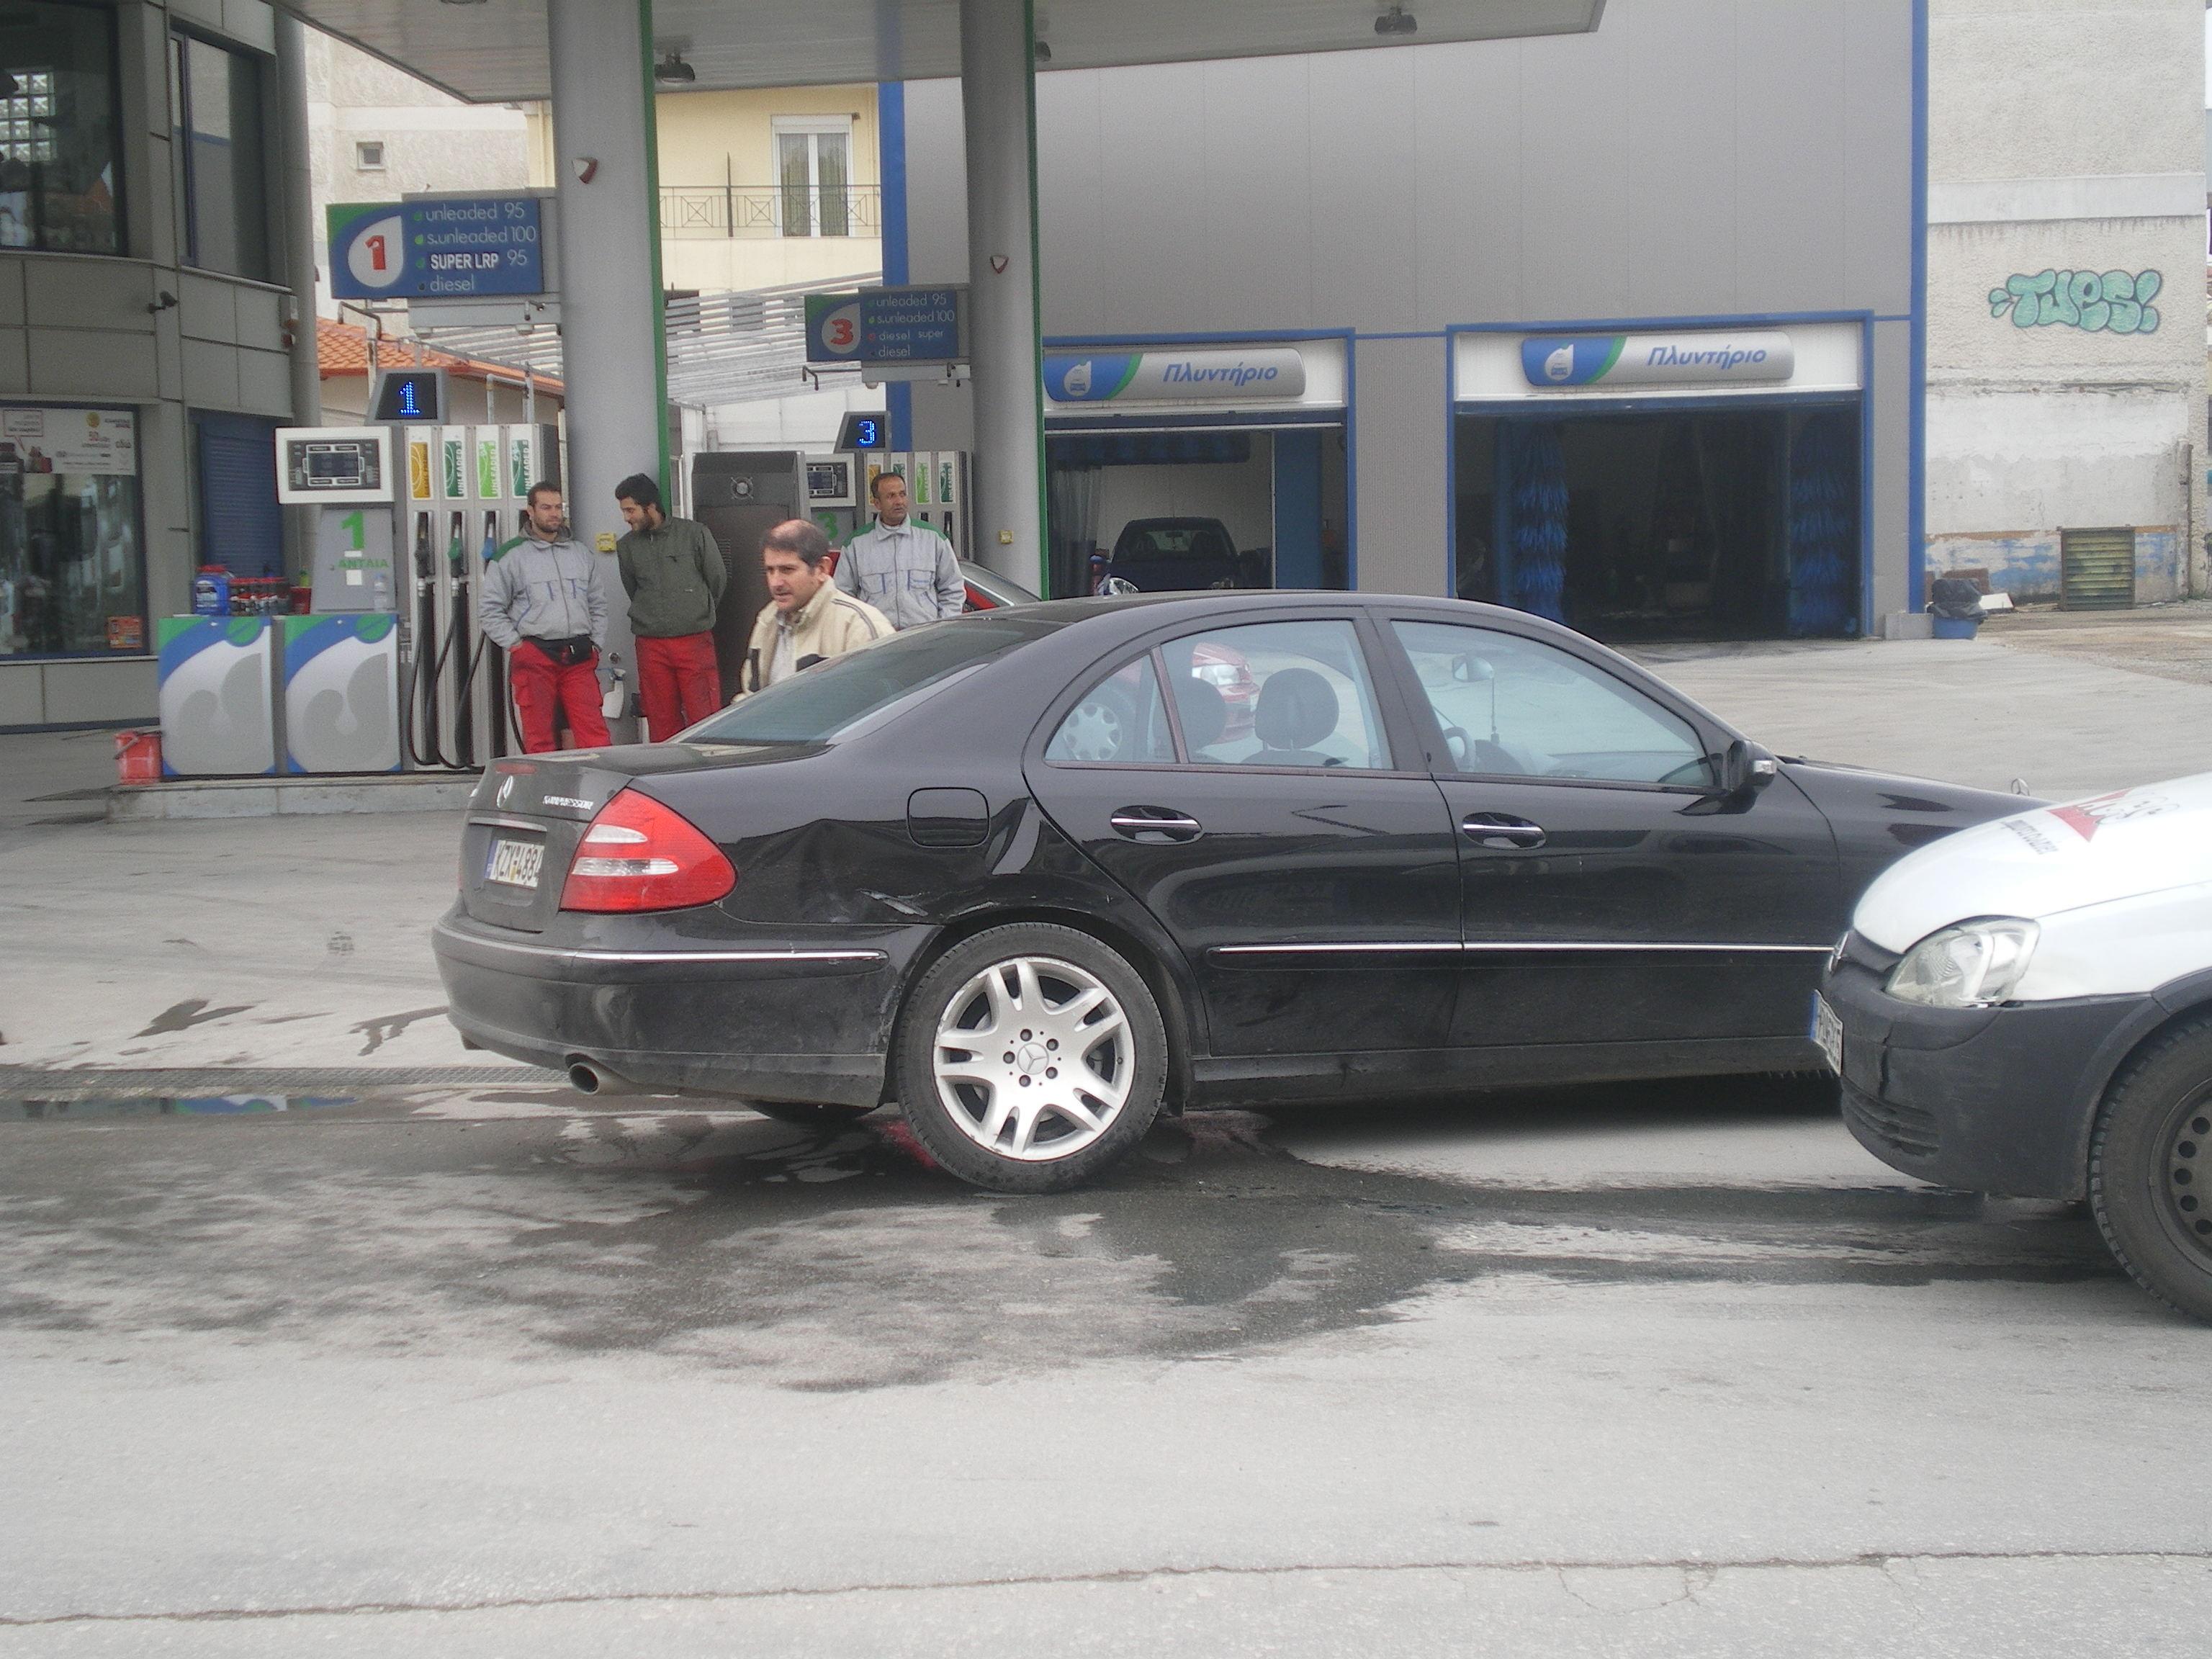 Κοζάνη: Τροχαίο, εντός της πόλης, με τον υποψήφιο Περιφερειάρχη Θοδωρή Καρυπίδη (Φωτογραφία)